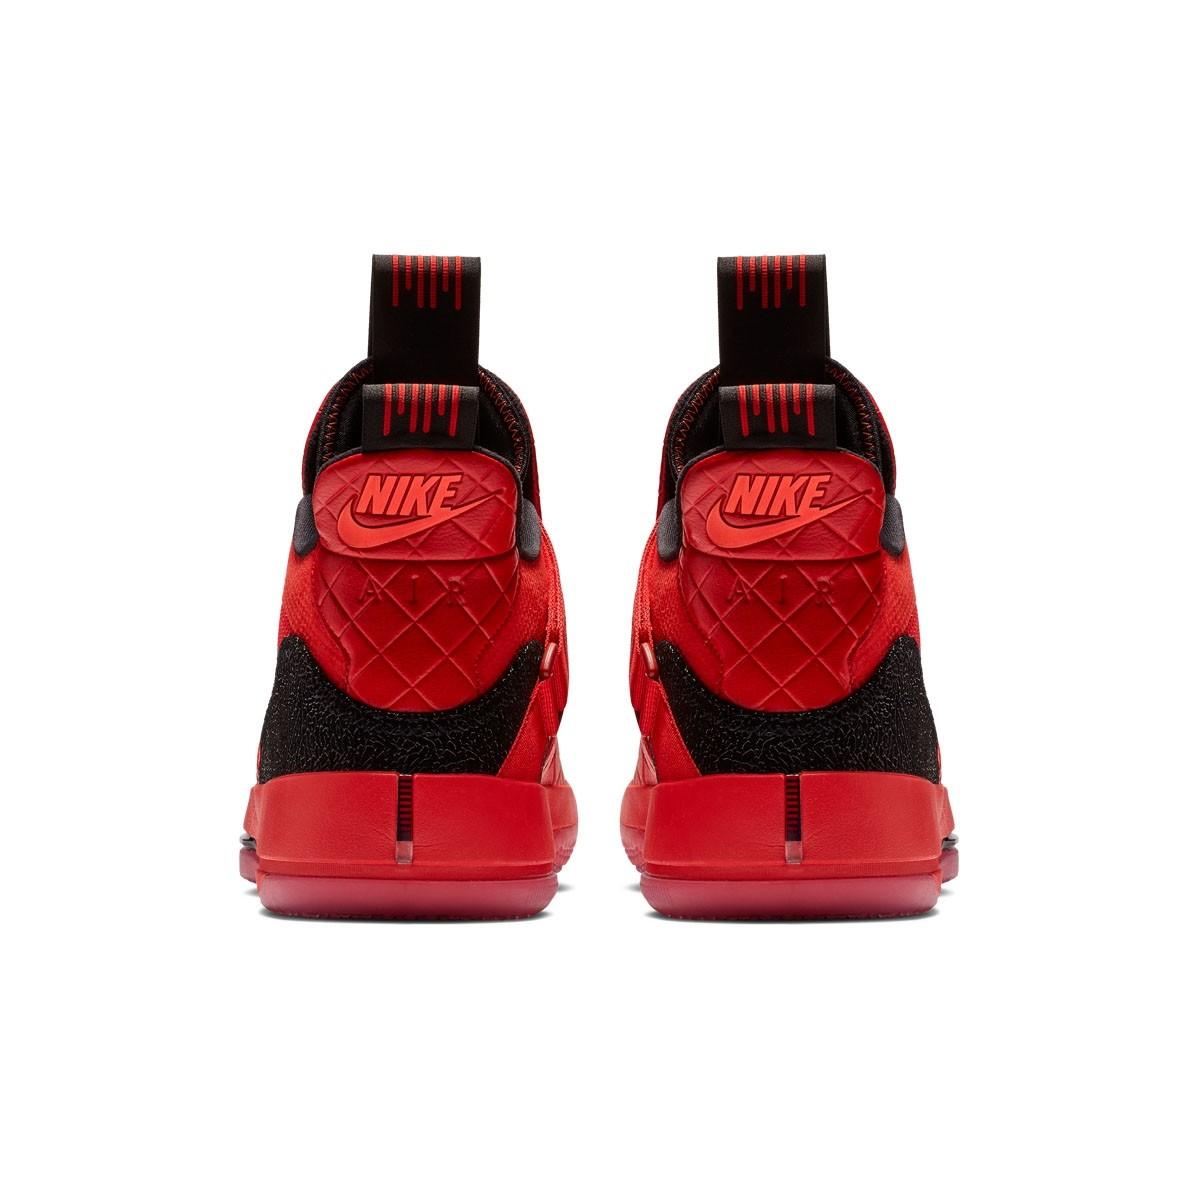 low priced 85fd0 1c311 Air Jordan XXXIII  Last Dance  AQ8830-600